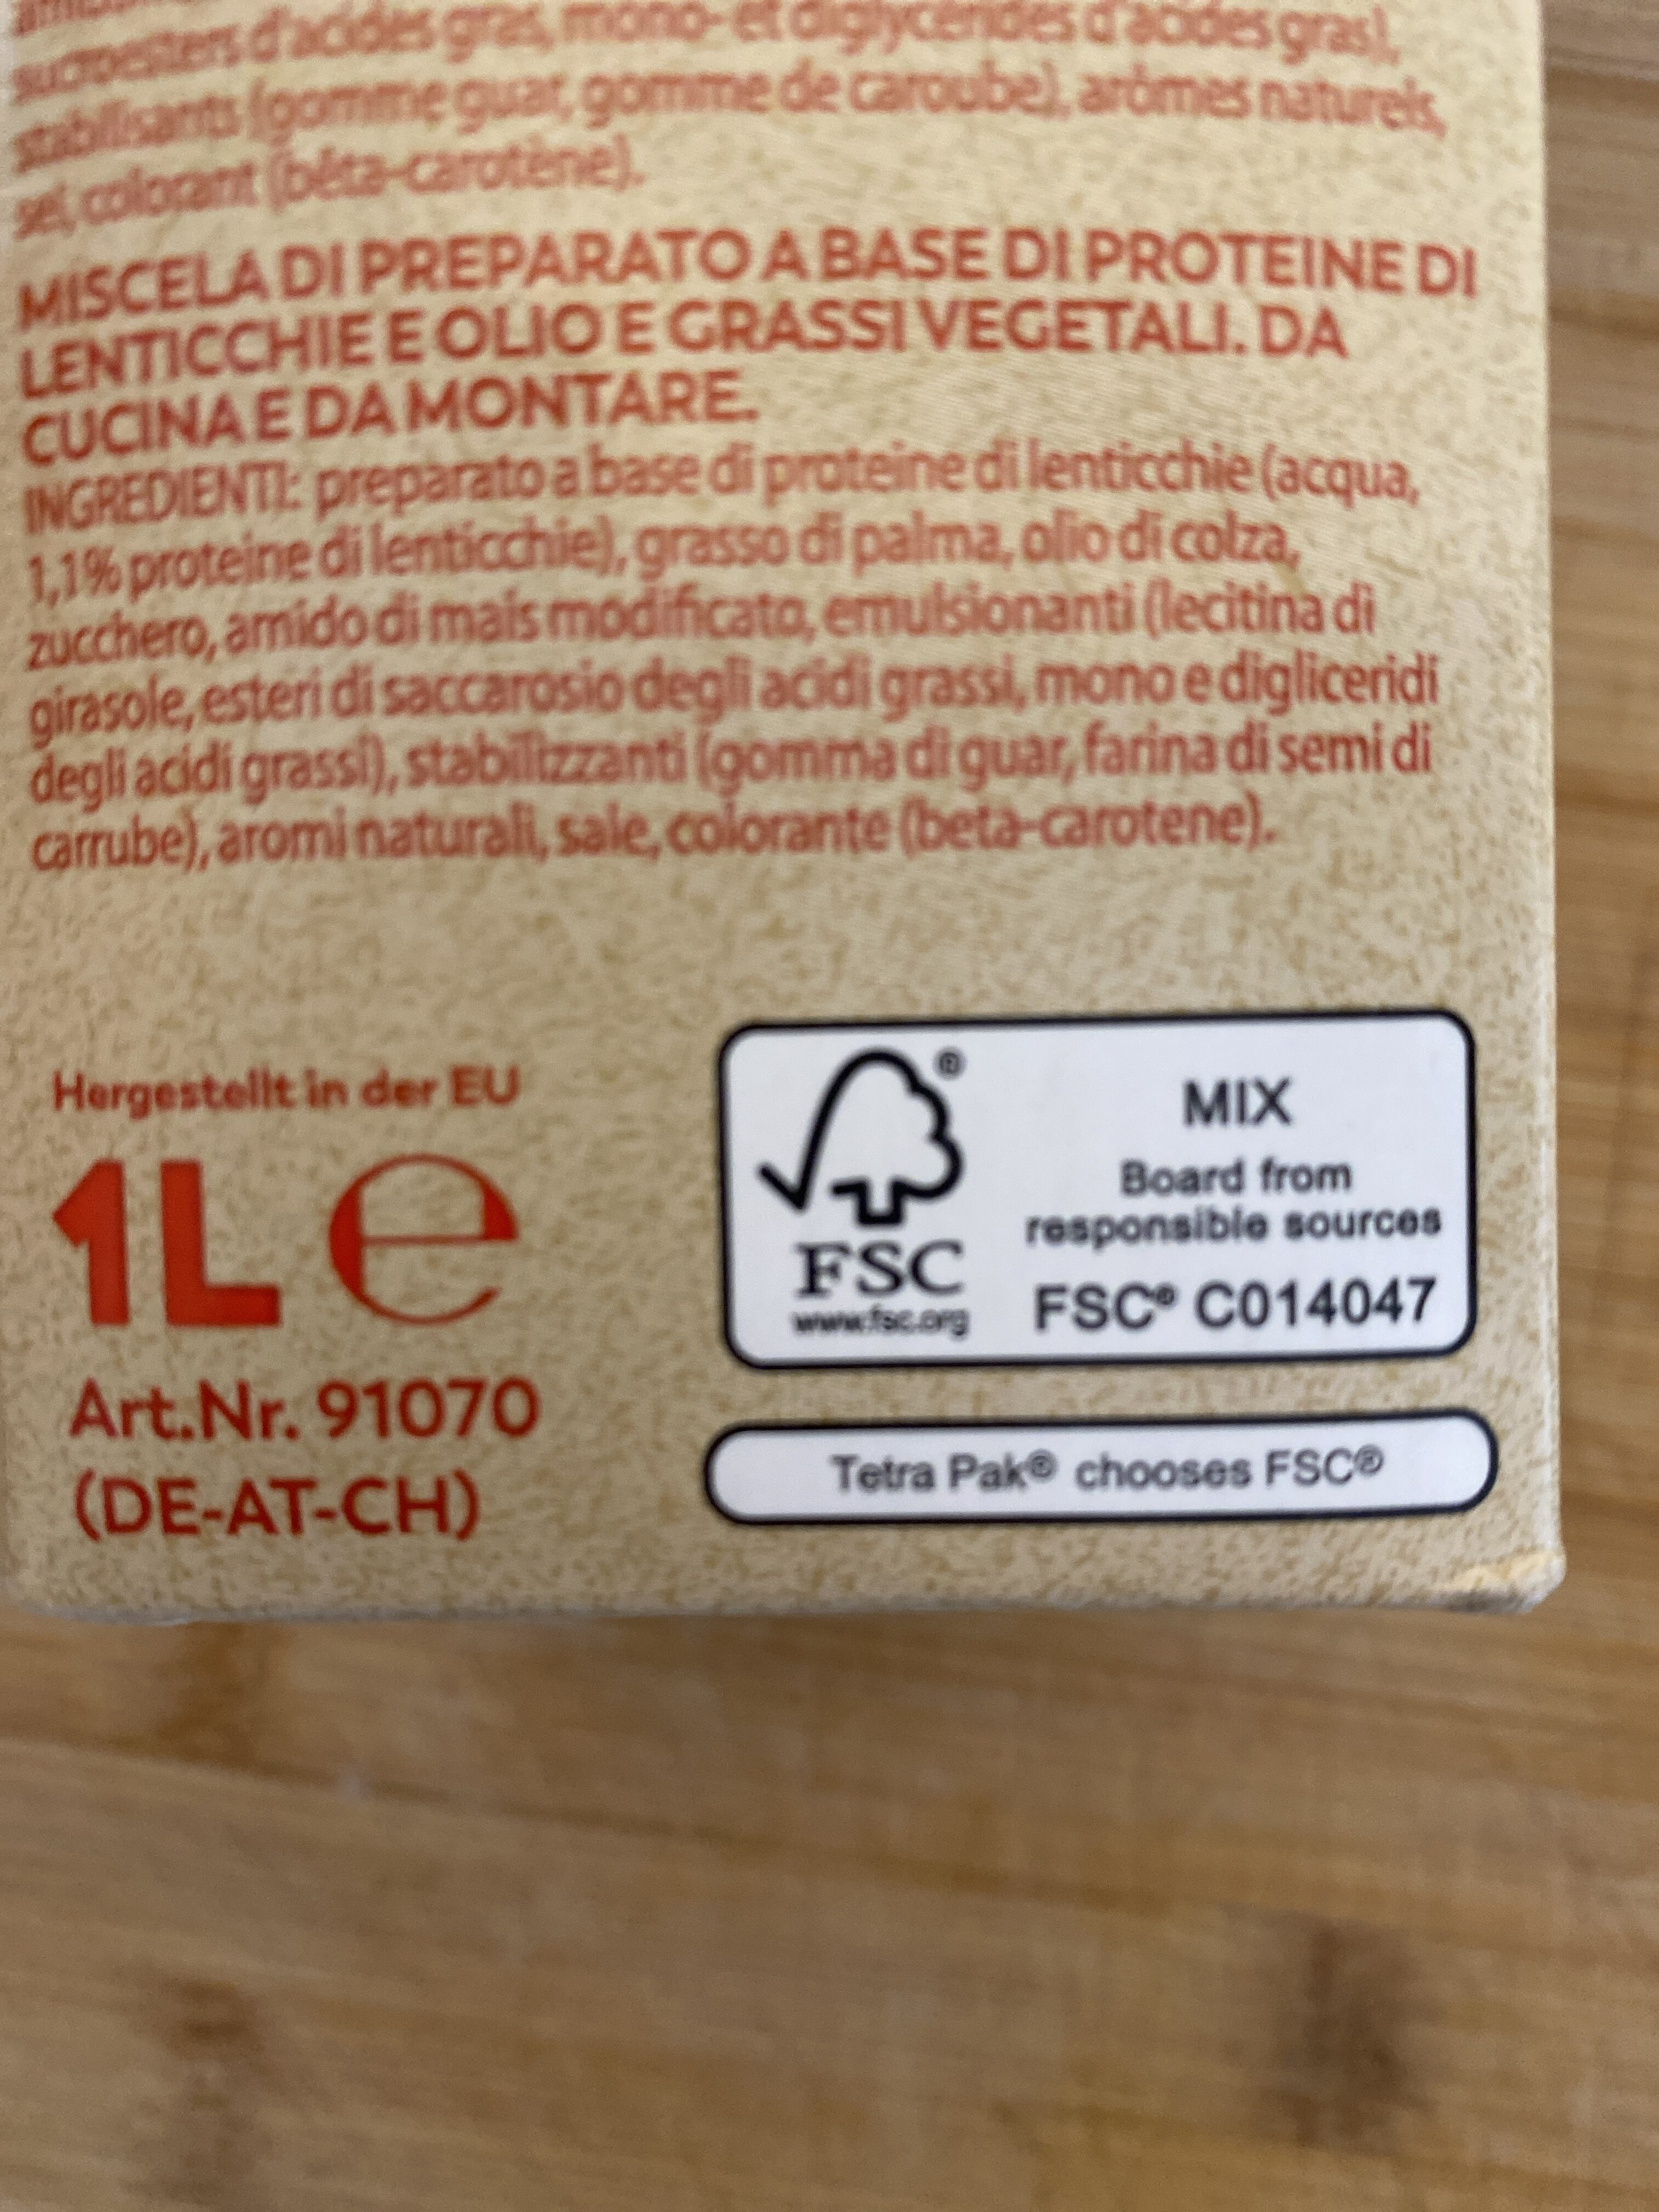 Flora Plant 31% - Istruzioni per il riciclaggio e/o informazioni sull'imballaggio - fr